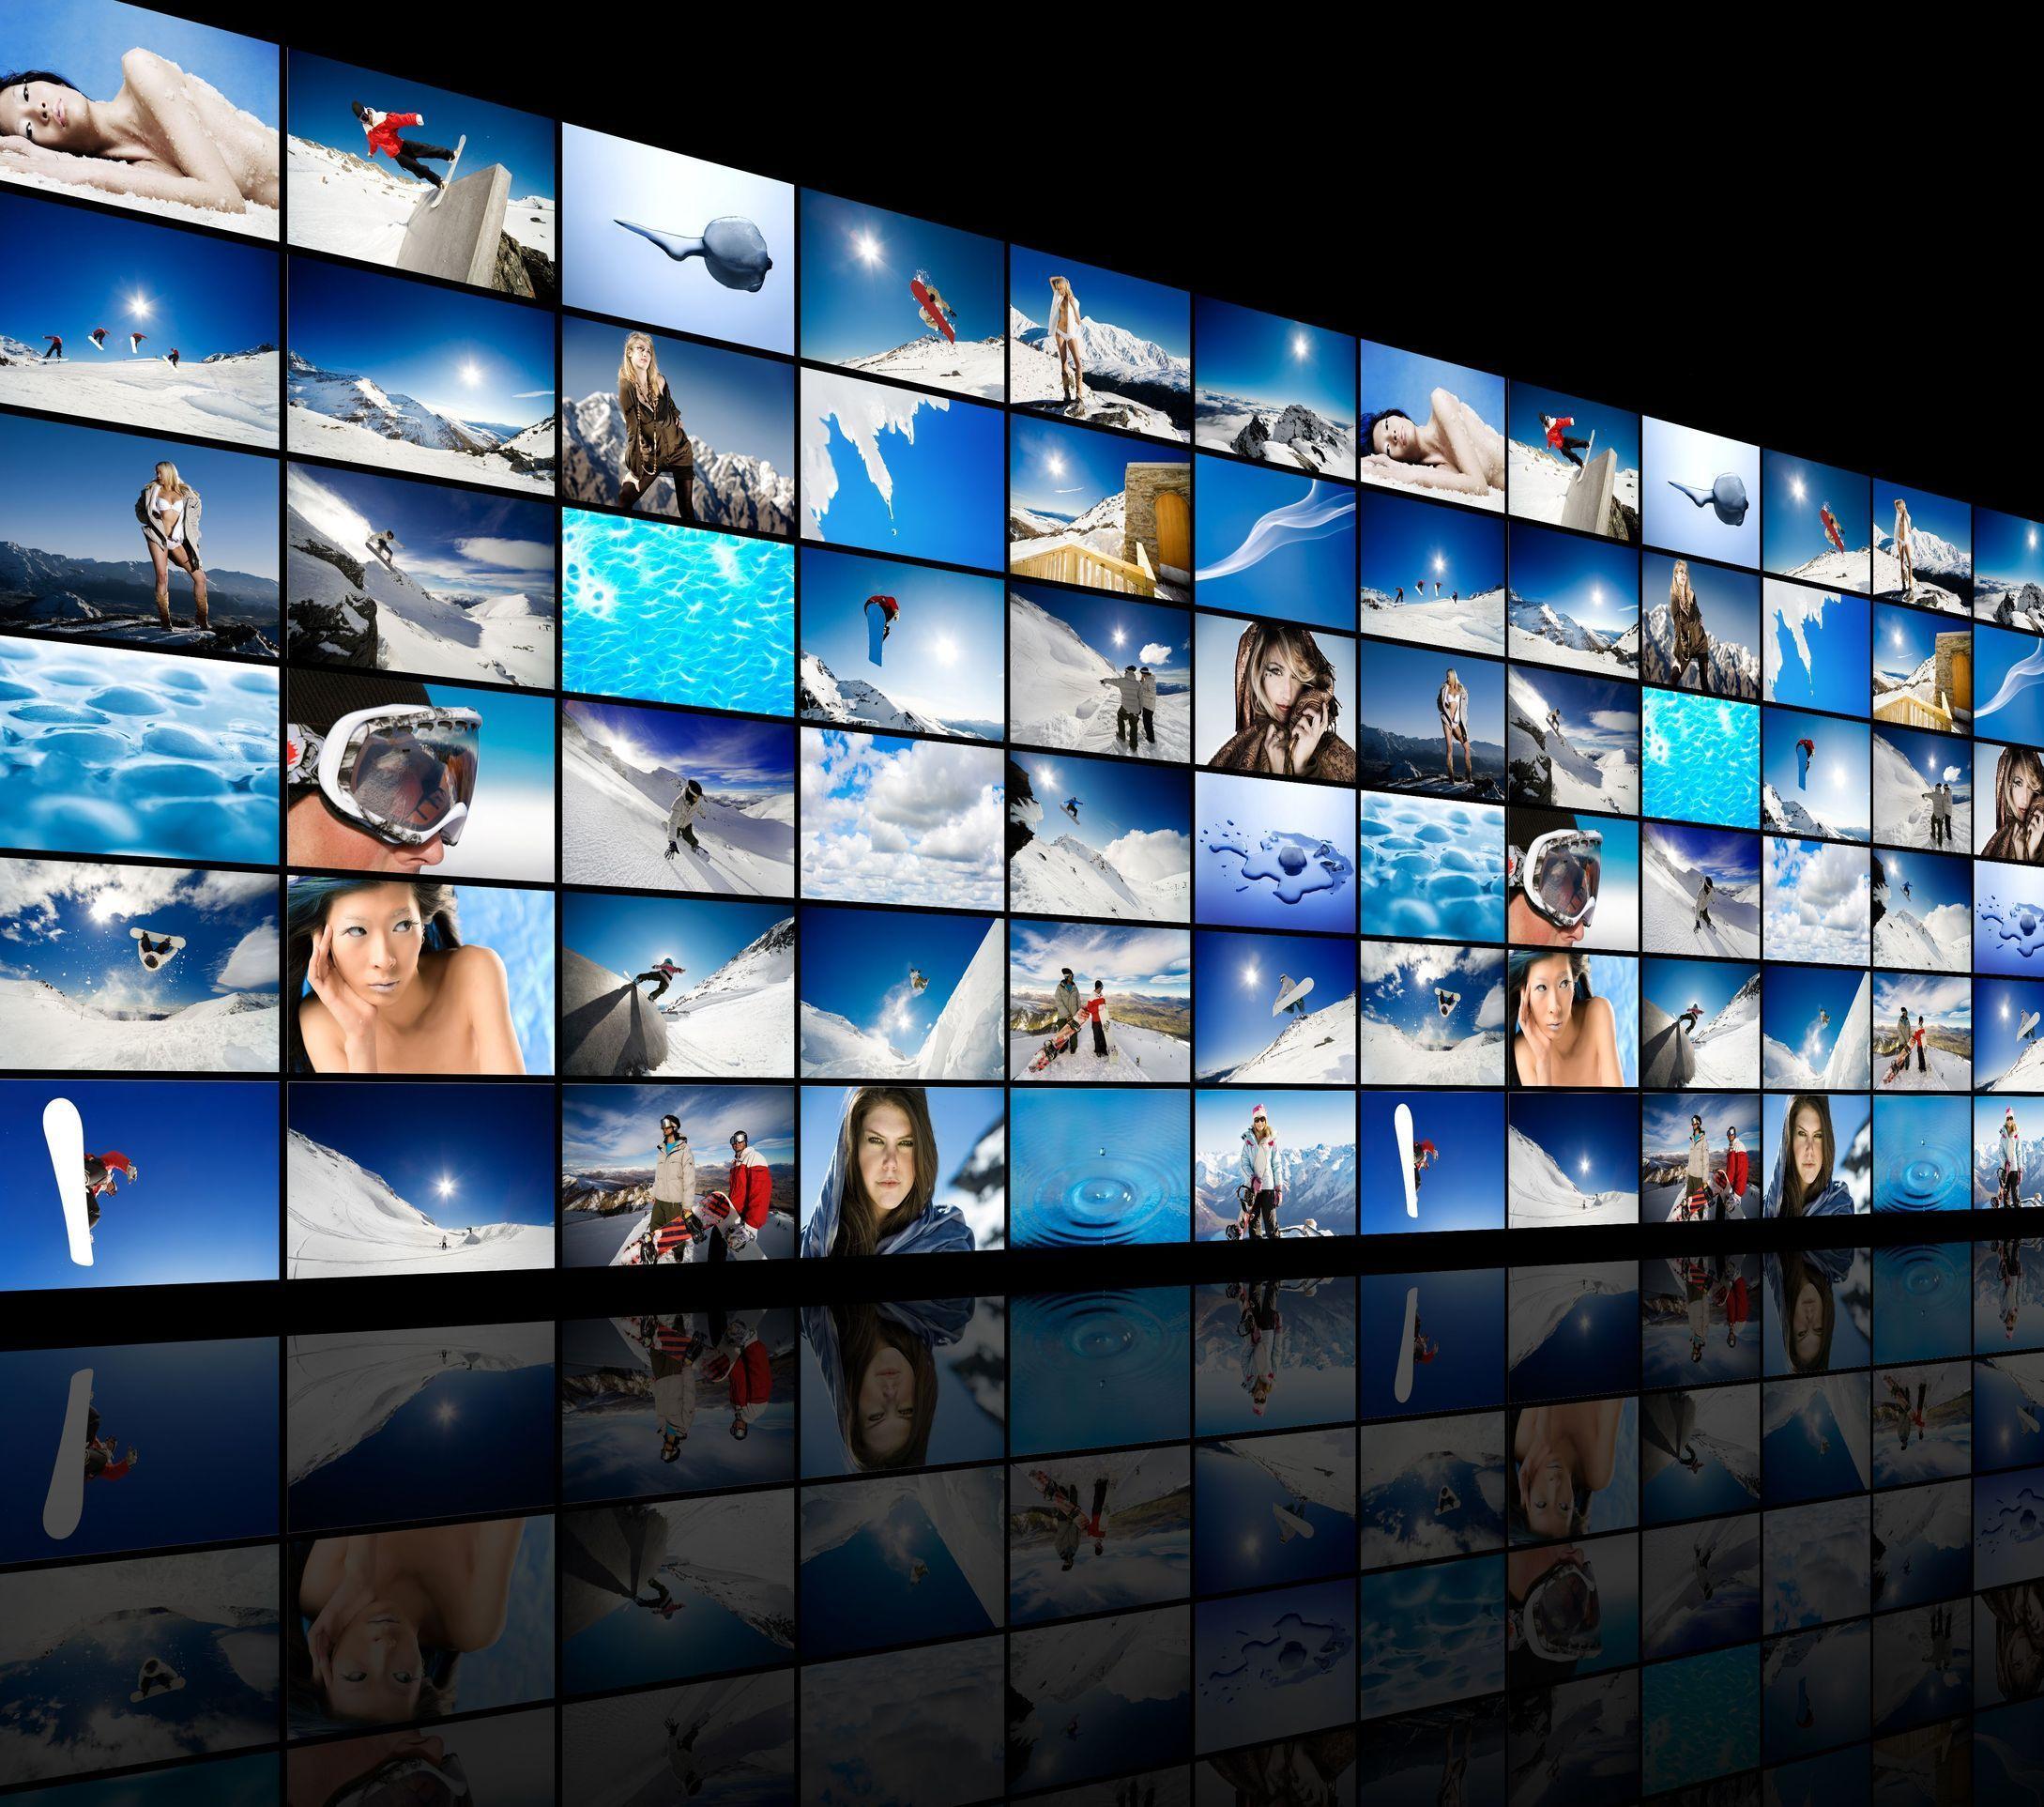 Bei uns können Sie eine Vielzahl an unterschiedlichen Plasma und LCD Bildschirmen für Ihre Veranstaltung ausleihen.